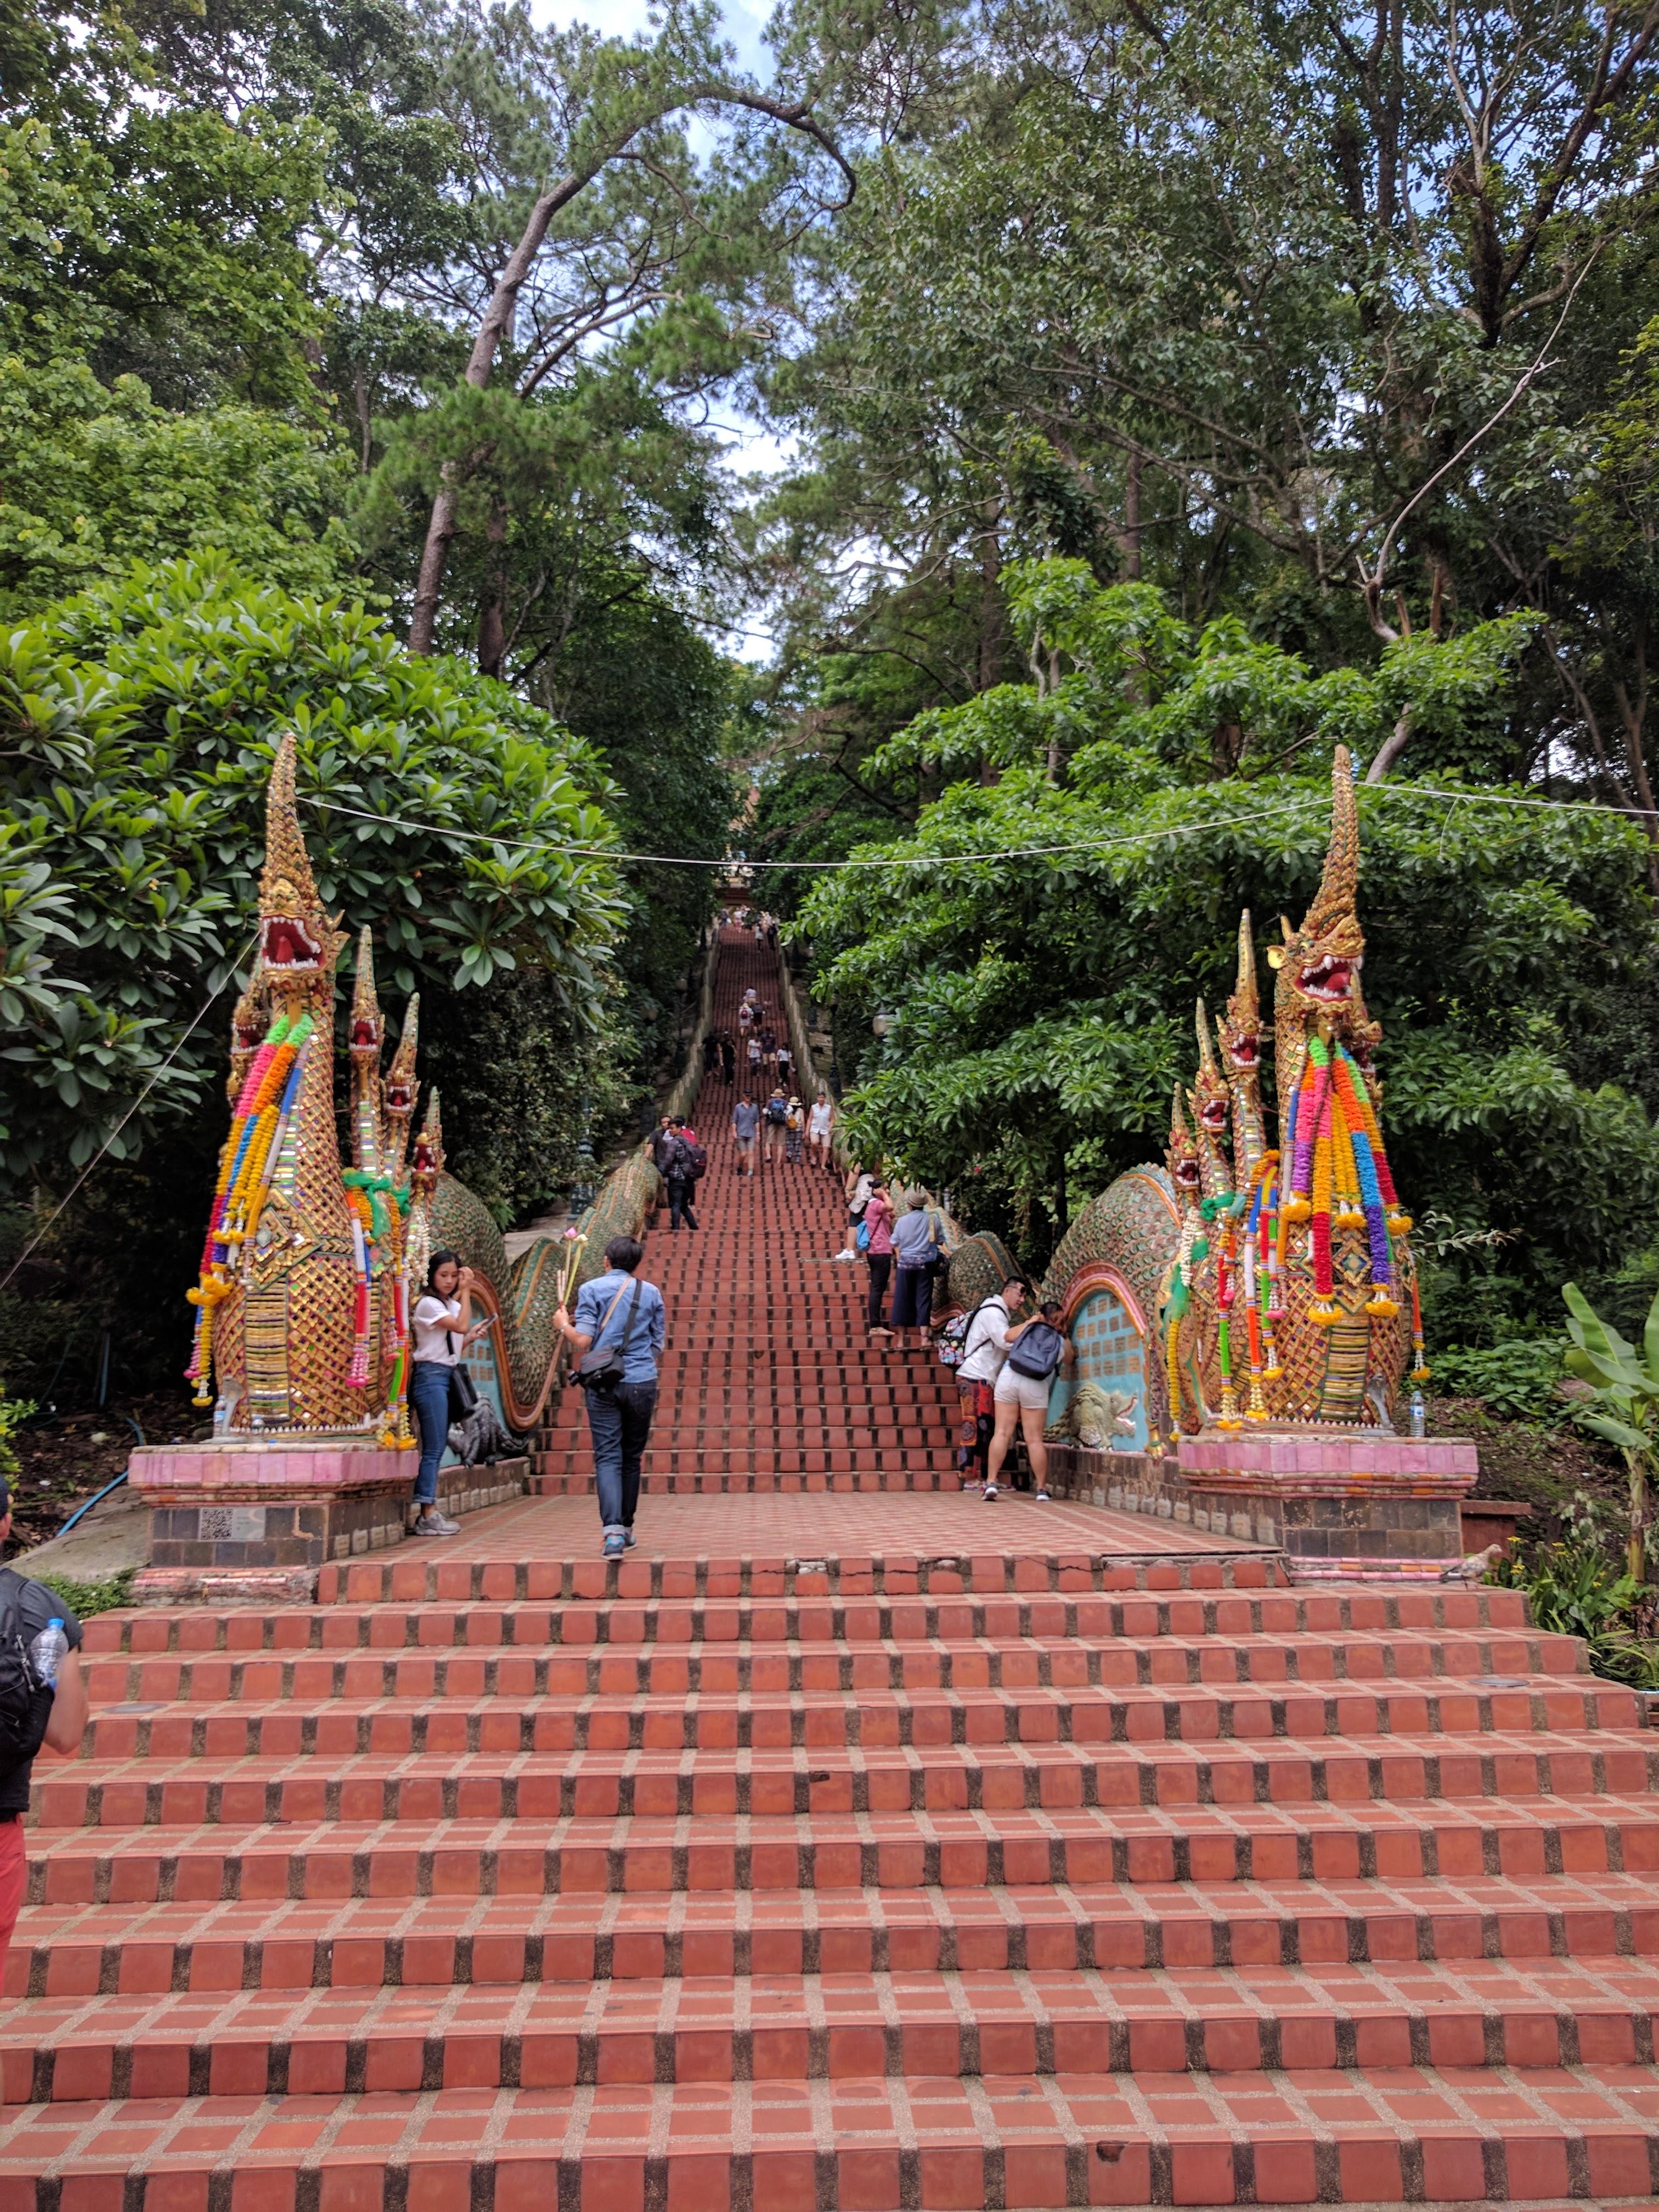 Escalier Doi Suthep